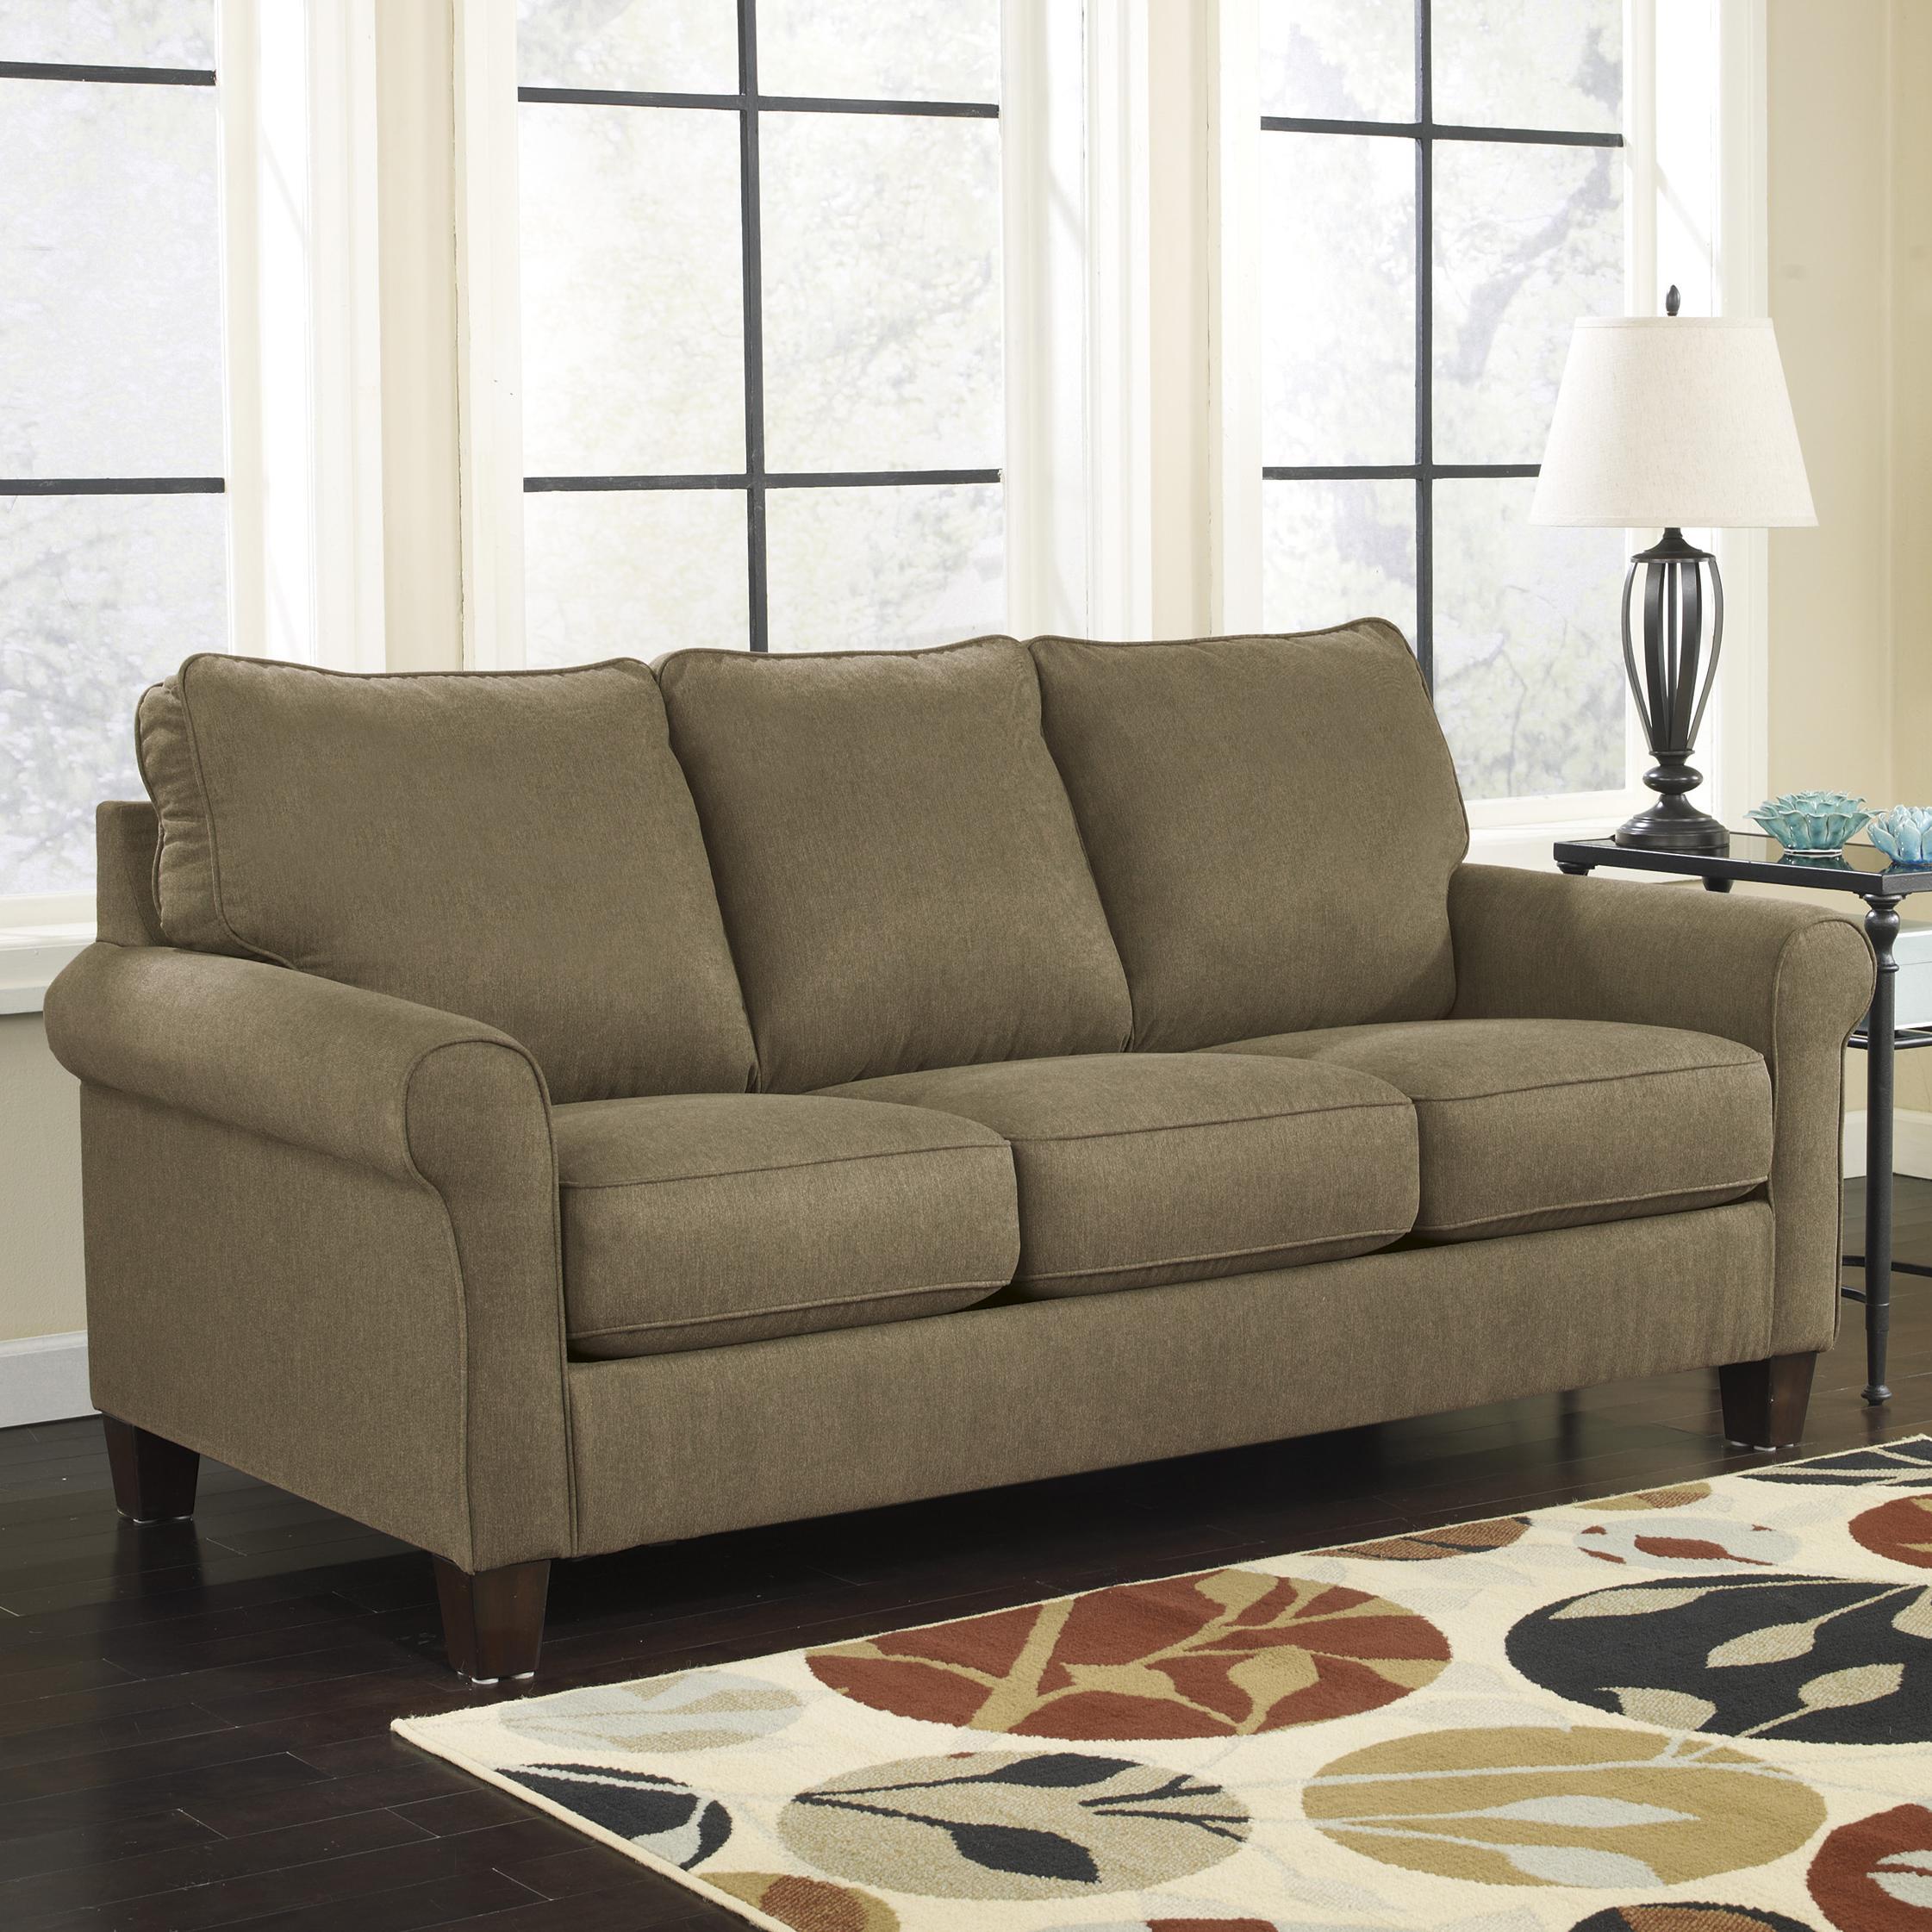 Signature Design by Ashley Zeth - Basil Full Sofa Sleeper - Item Number: 2710336